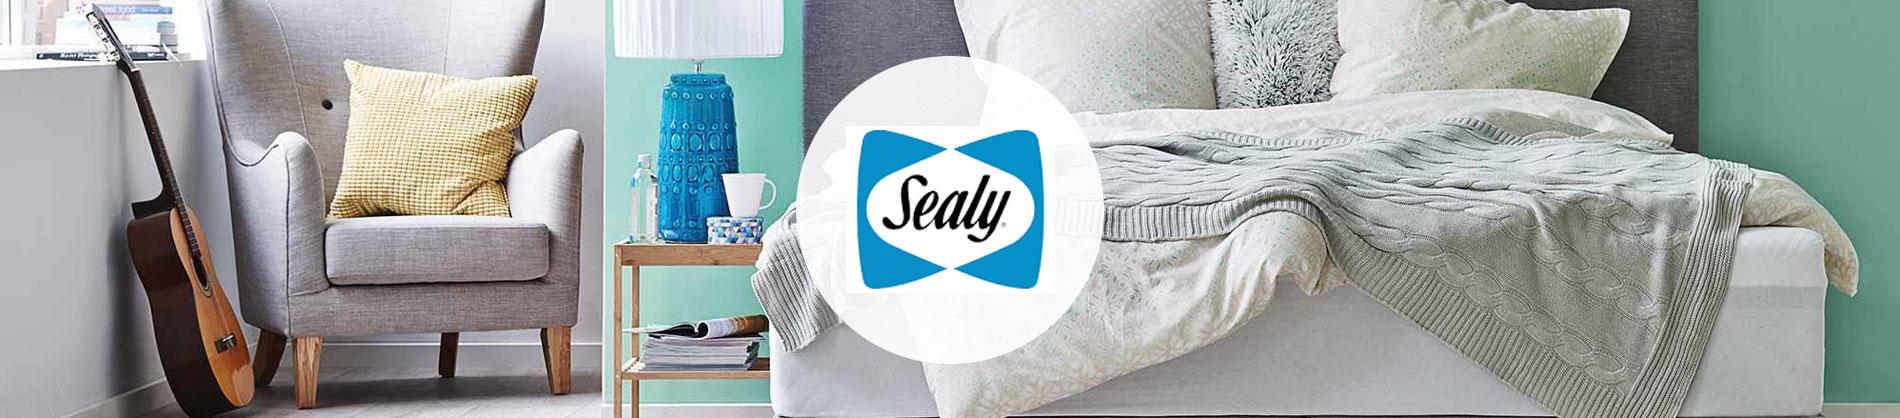 Colchones marca Sealy en Córdoba